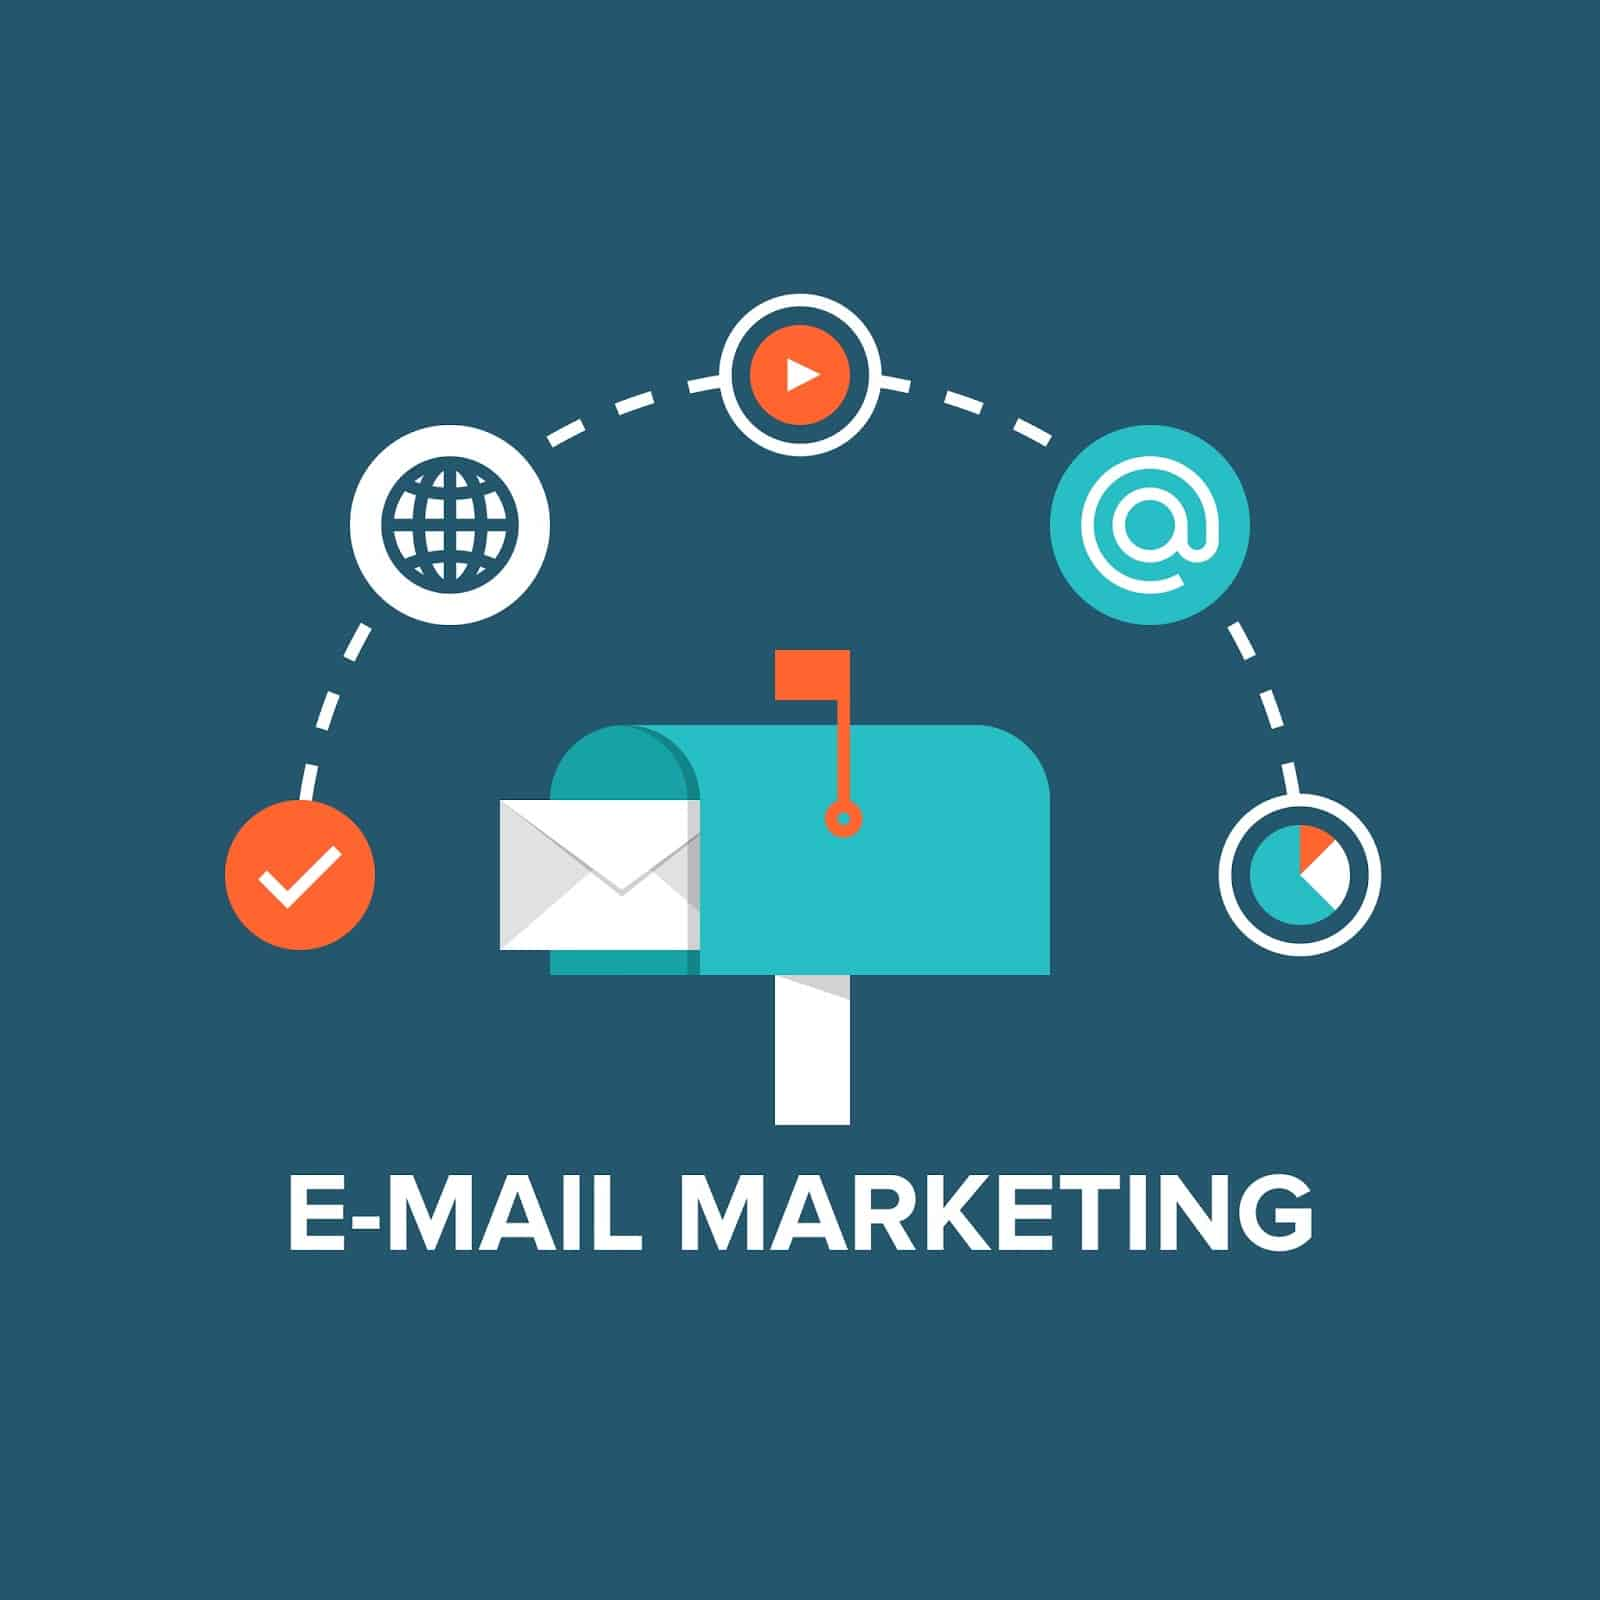 Chăm sóc khách hàng thông qua email marketing